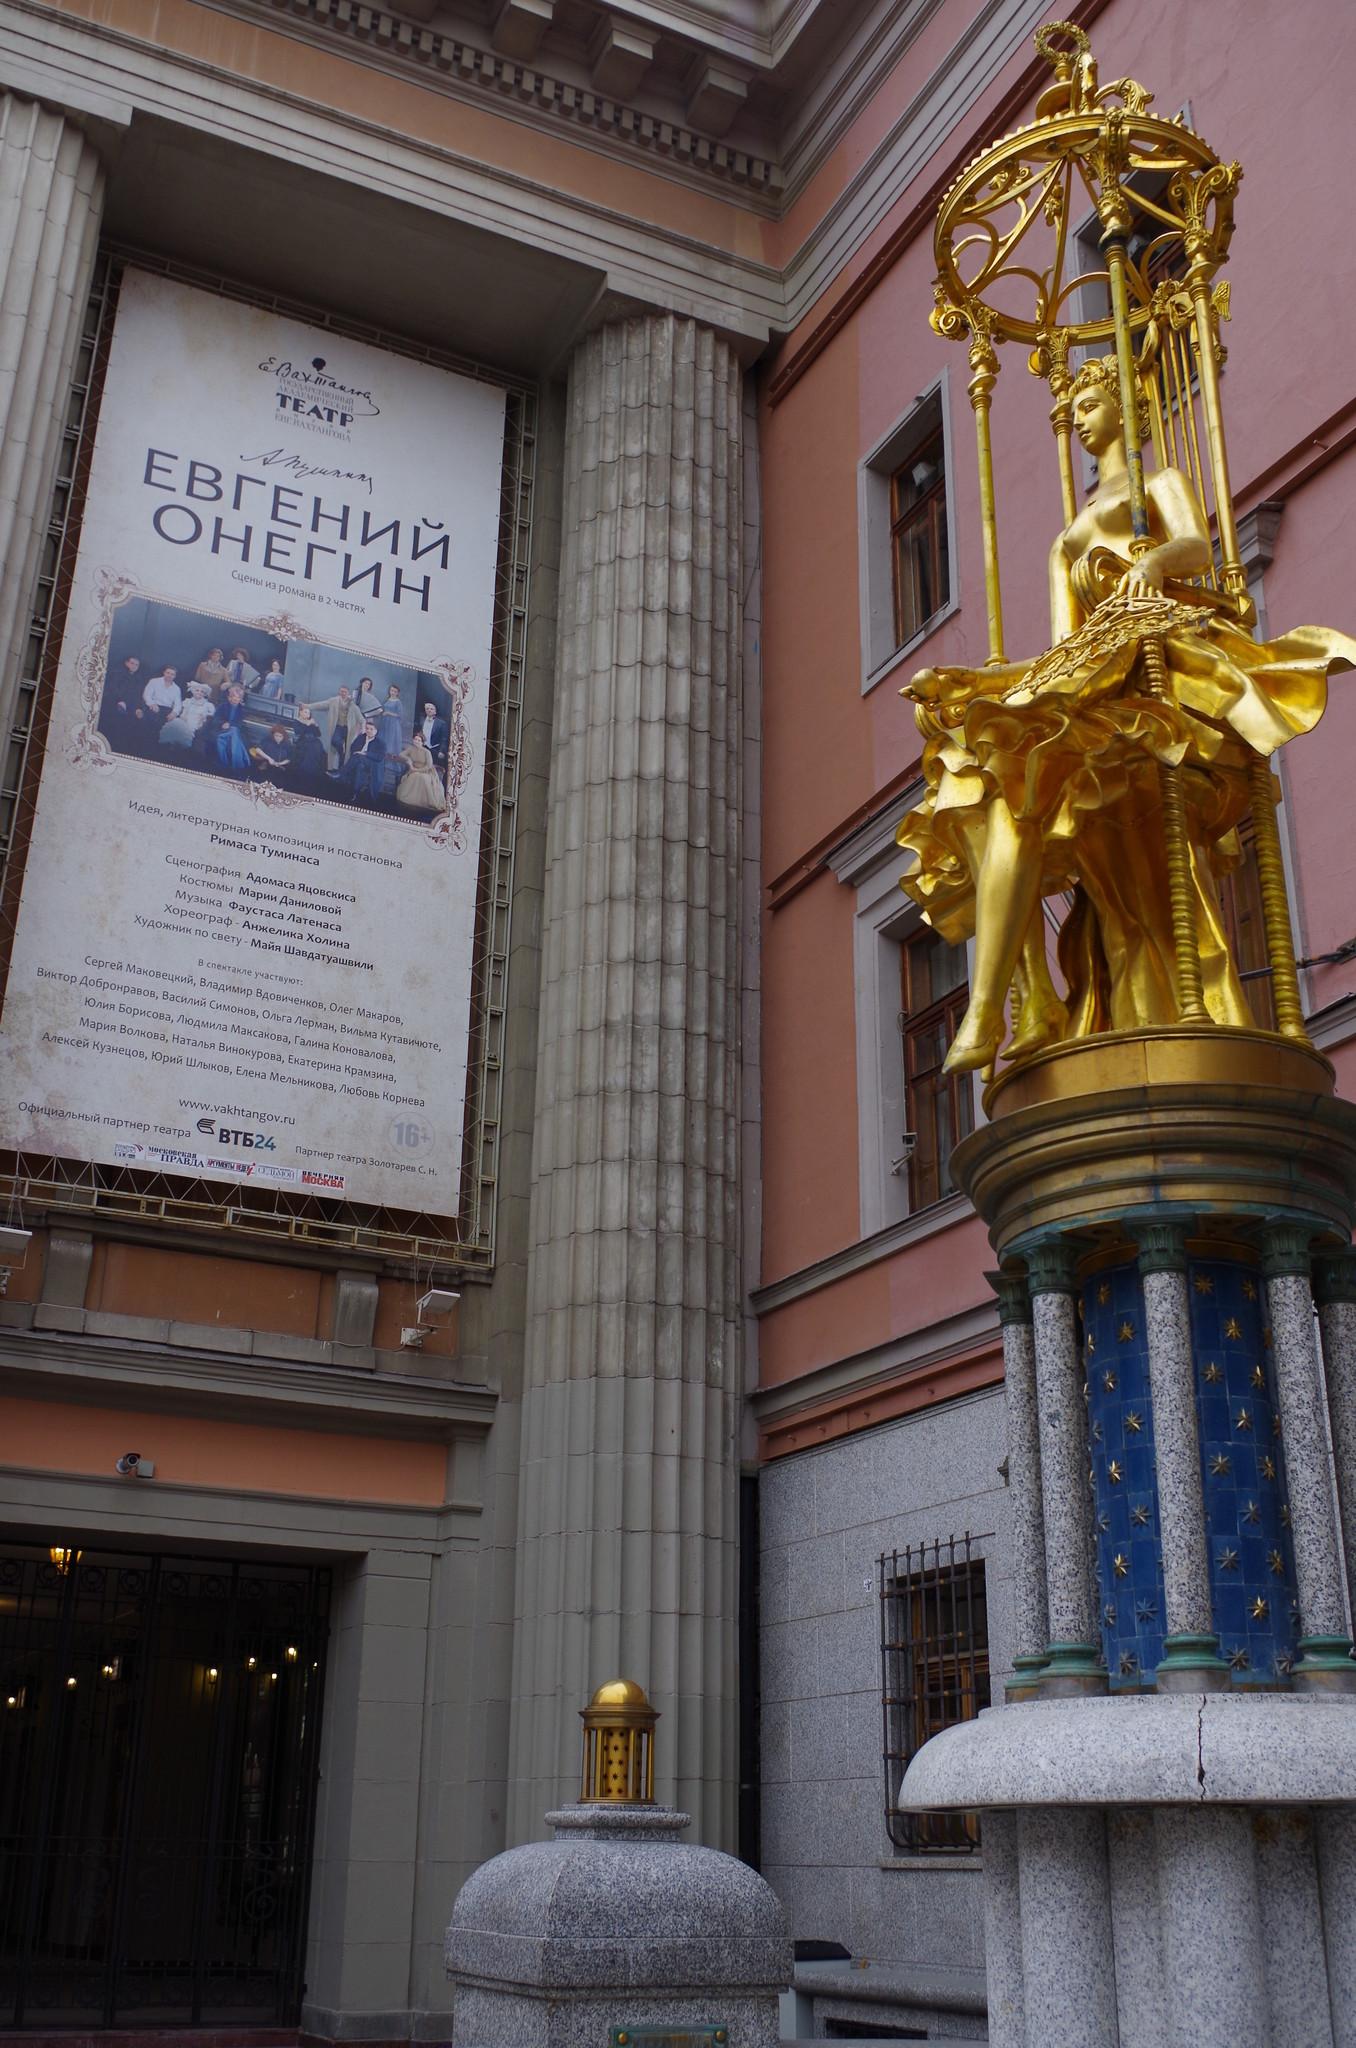 Перед зданием театра имени Е. Вахтангова расположился фонтан